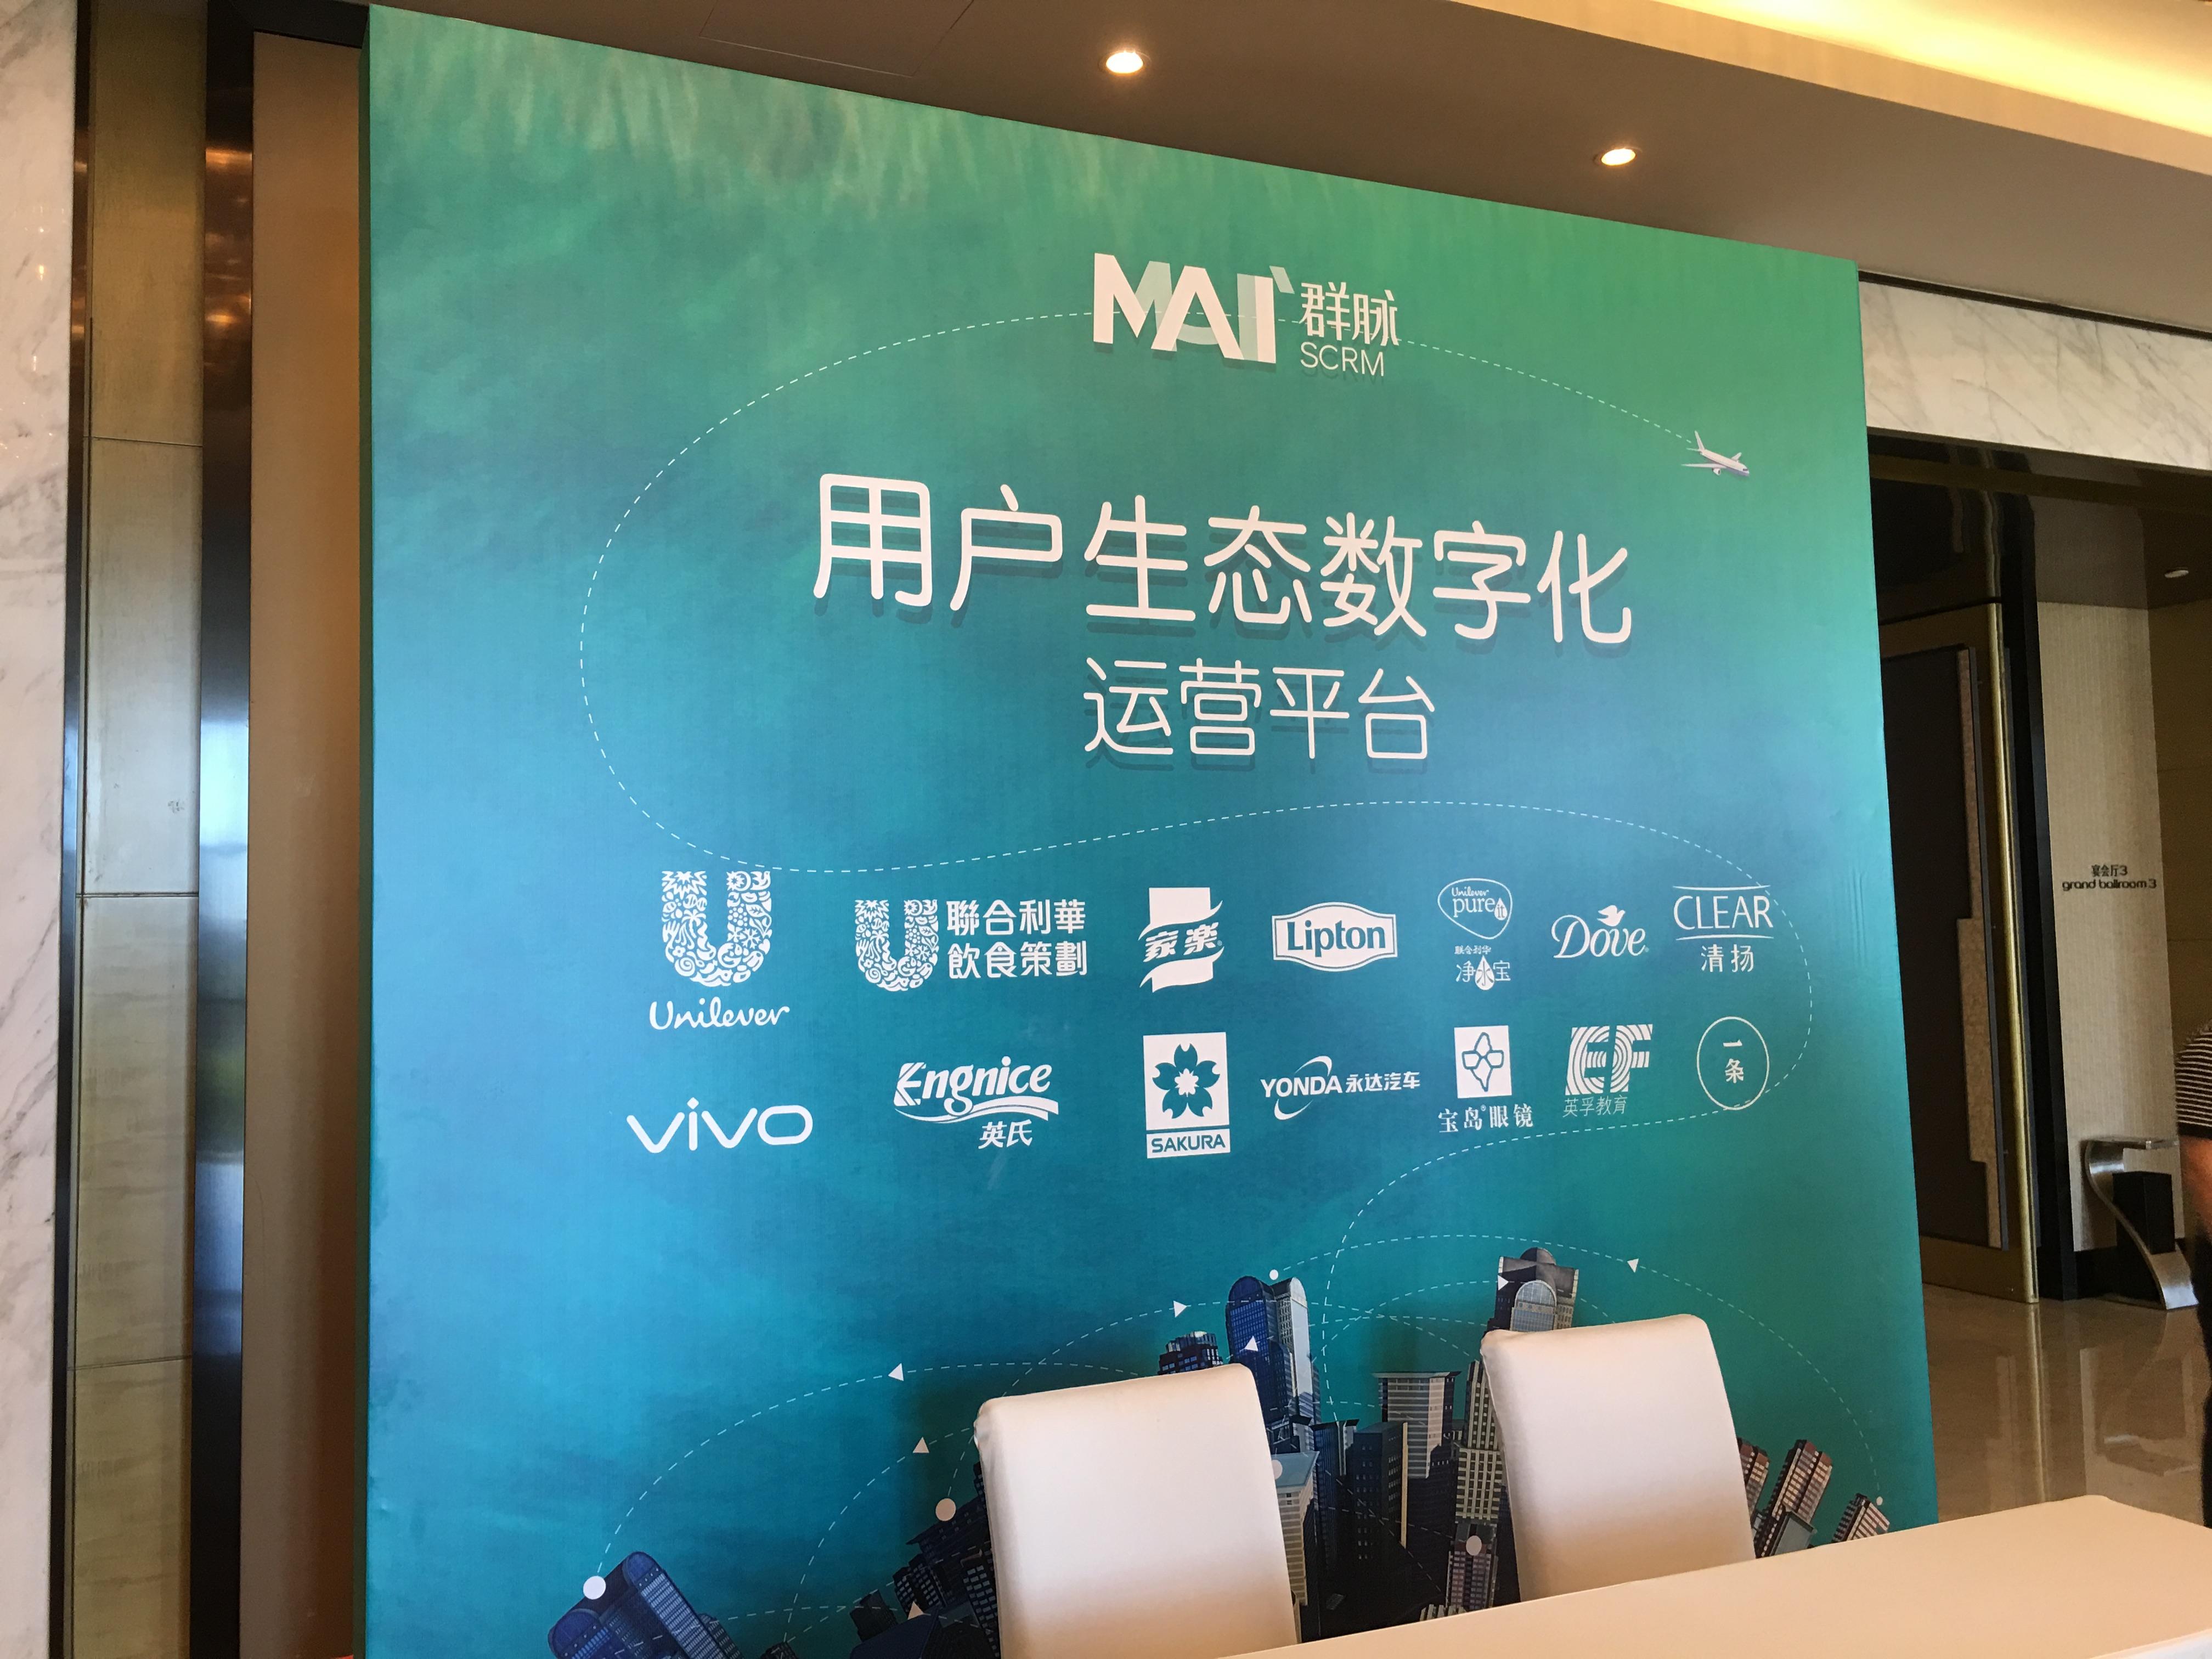 中国母婴大会群脉SCRM展台